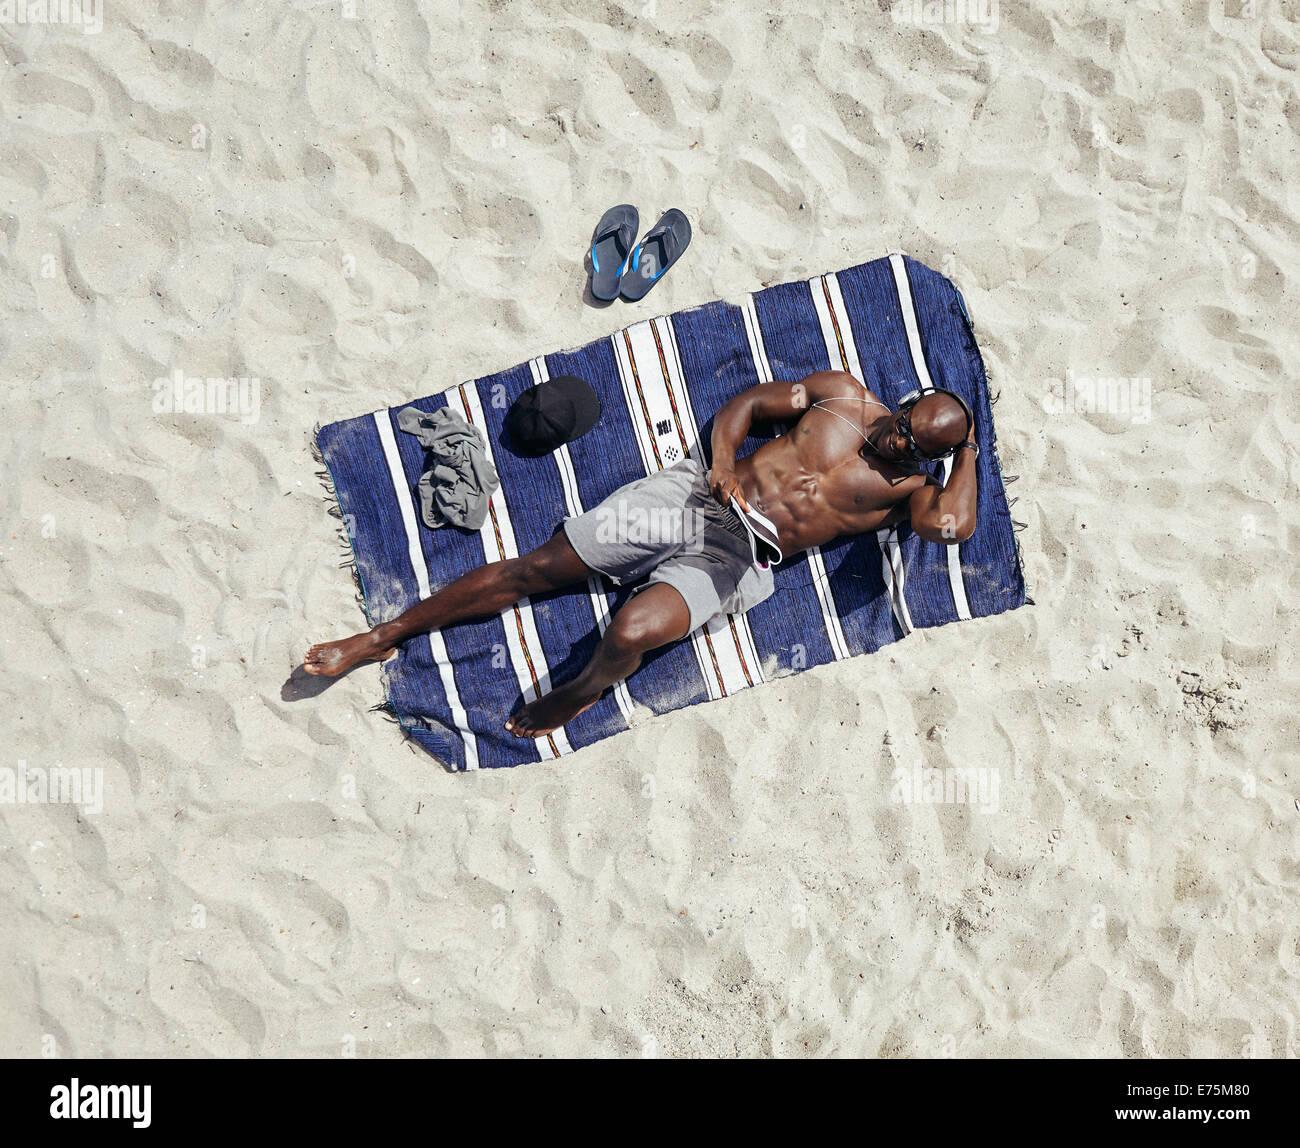 Vista superior del chico descamisado acostado sobre una estera leyendo una revista. Modelo masculino africano relajándose Imagen De Stock